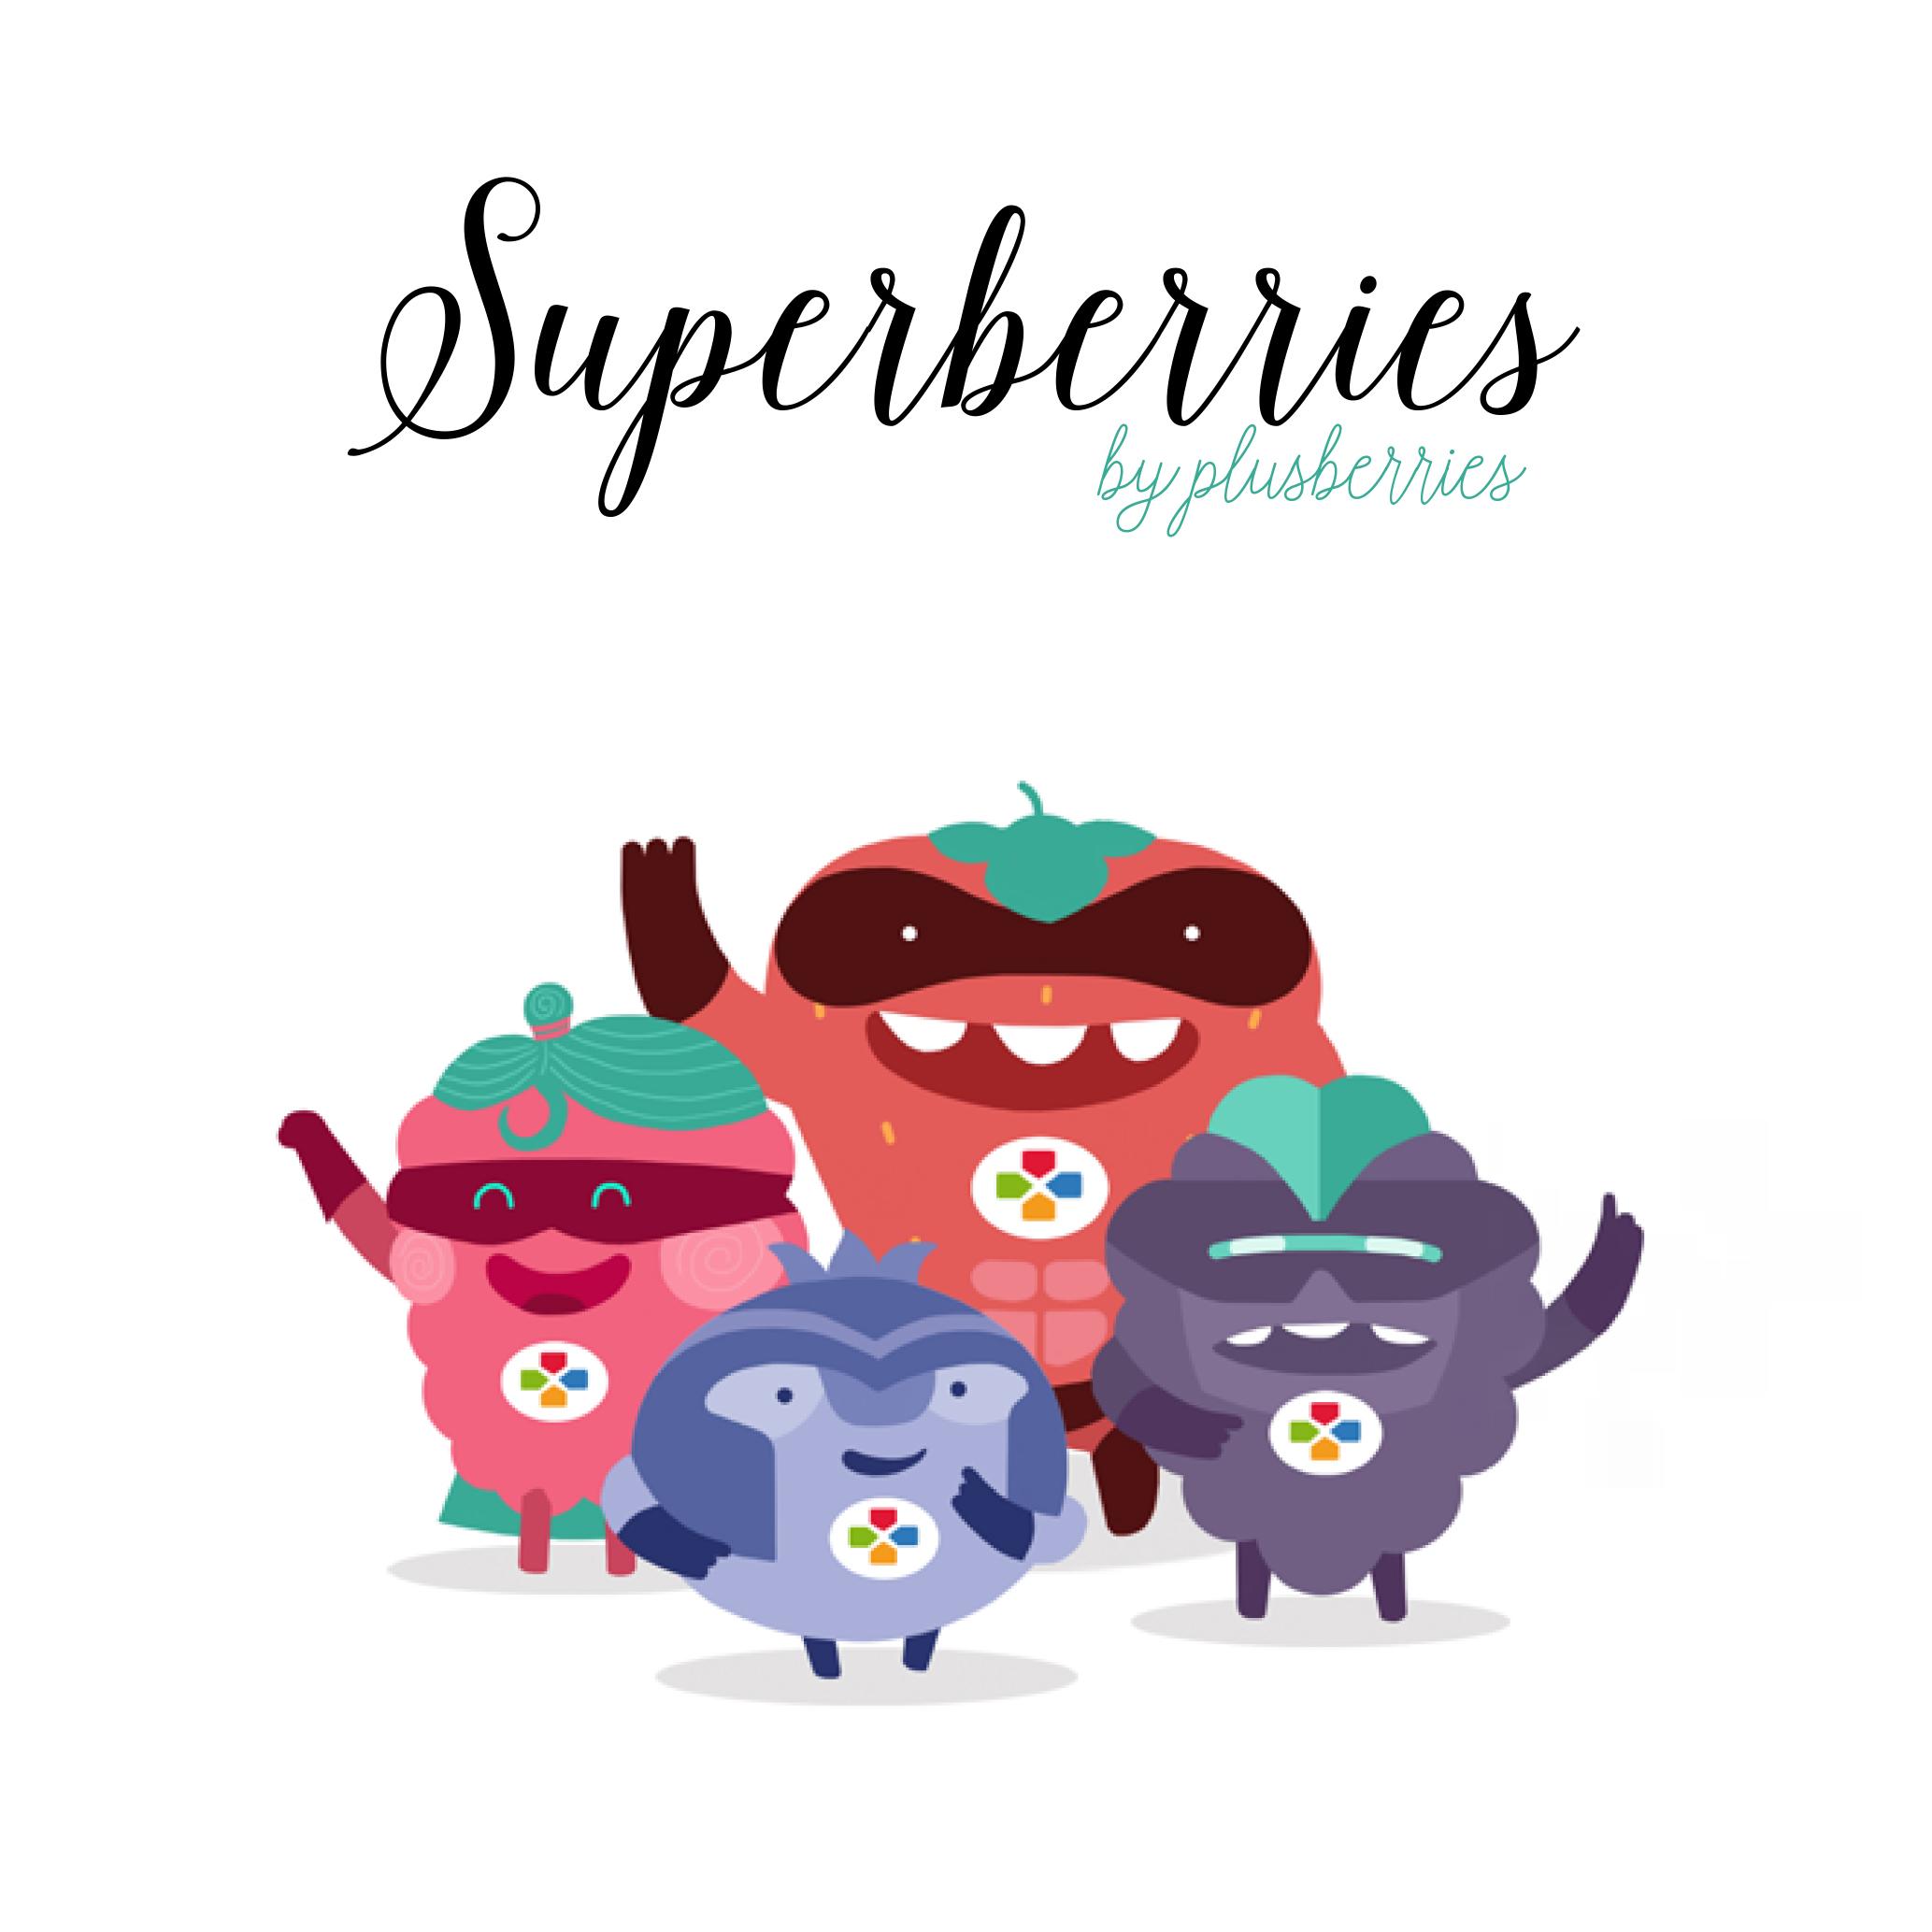 LAS SUPERBERRIES SERÁN PROTAGONISTAS DE UNA CAMPAÑA SOBRE LA DIFUSIÓN  DE LOS EFECTOS BENEFICIOSOS DE LOS FRUTOS ROJOS PARA LA SALUD.